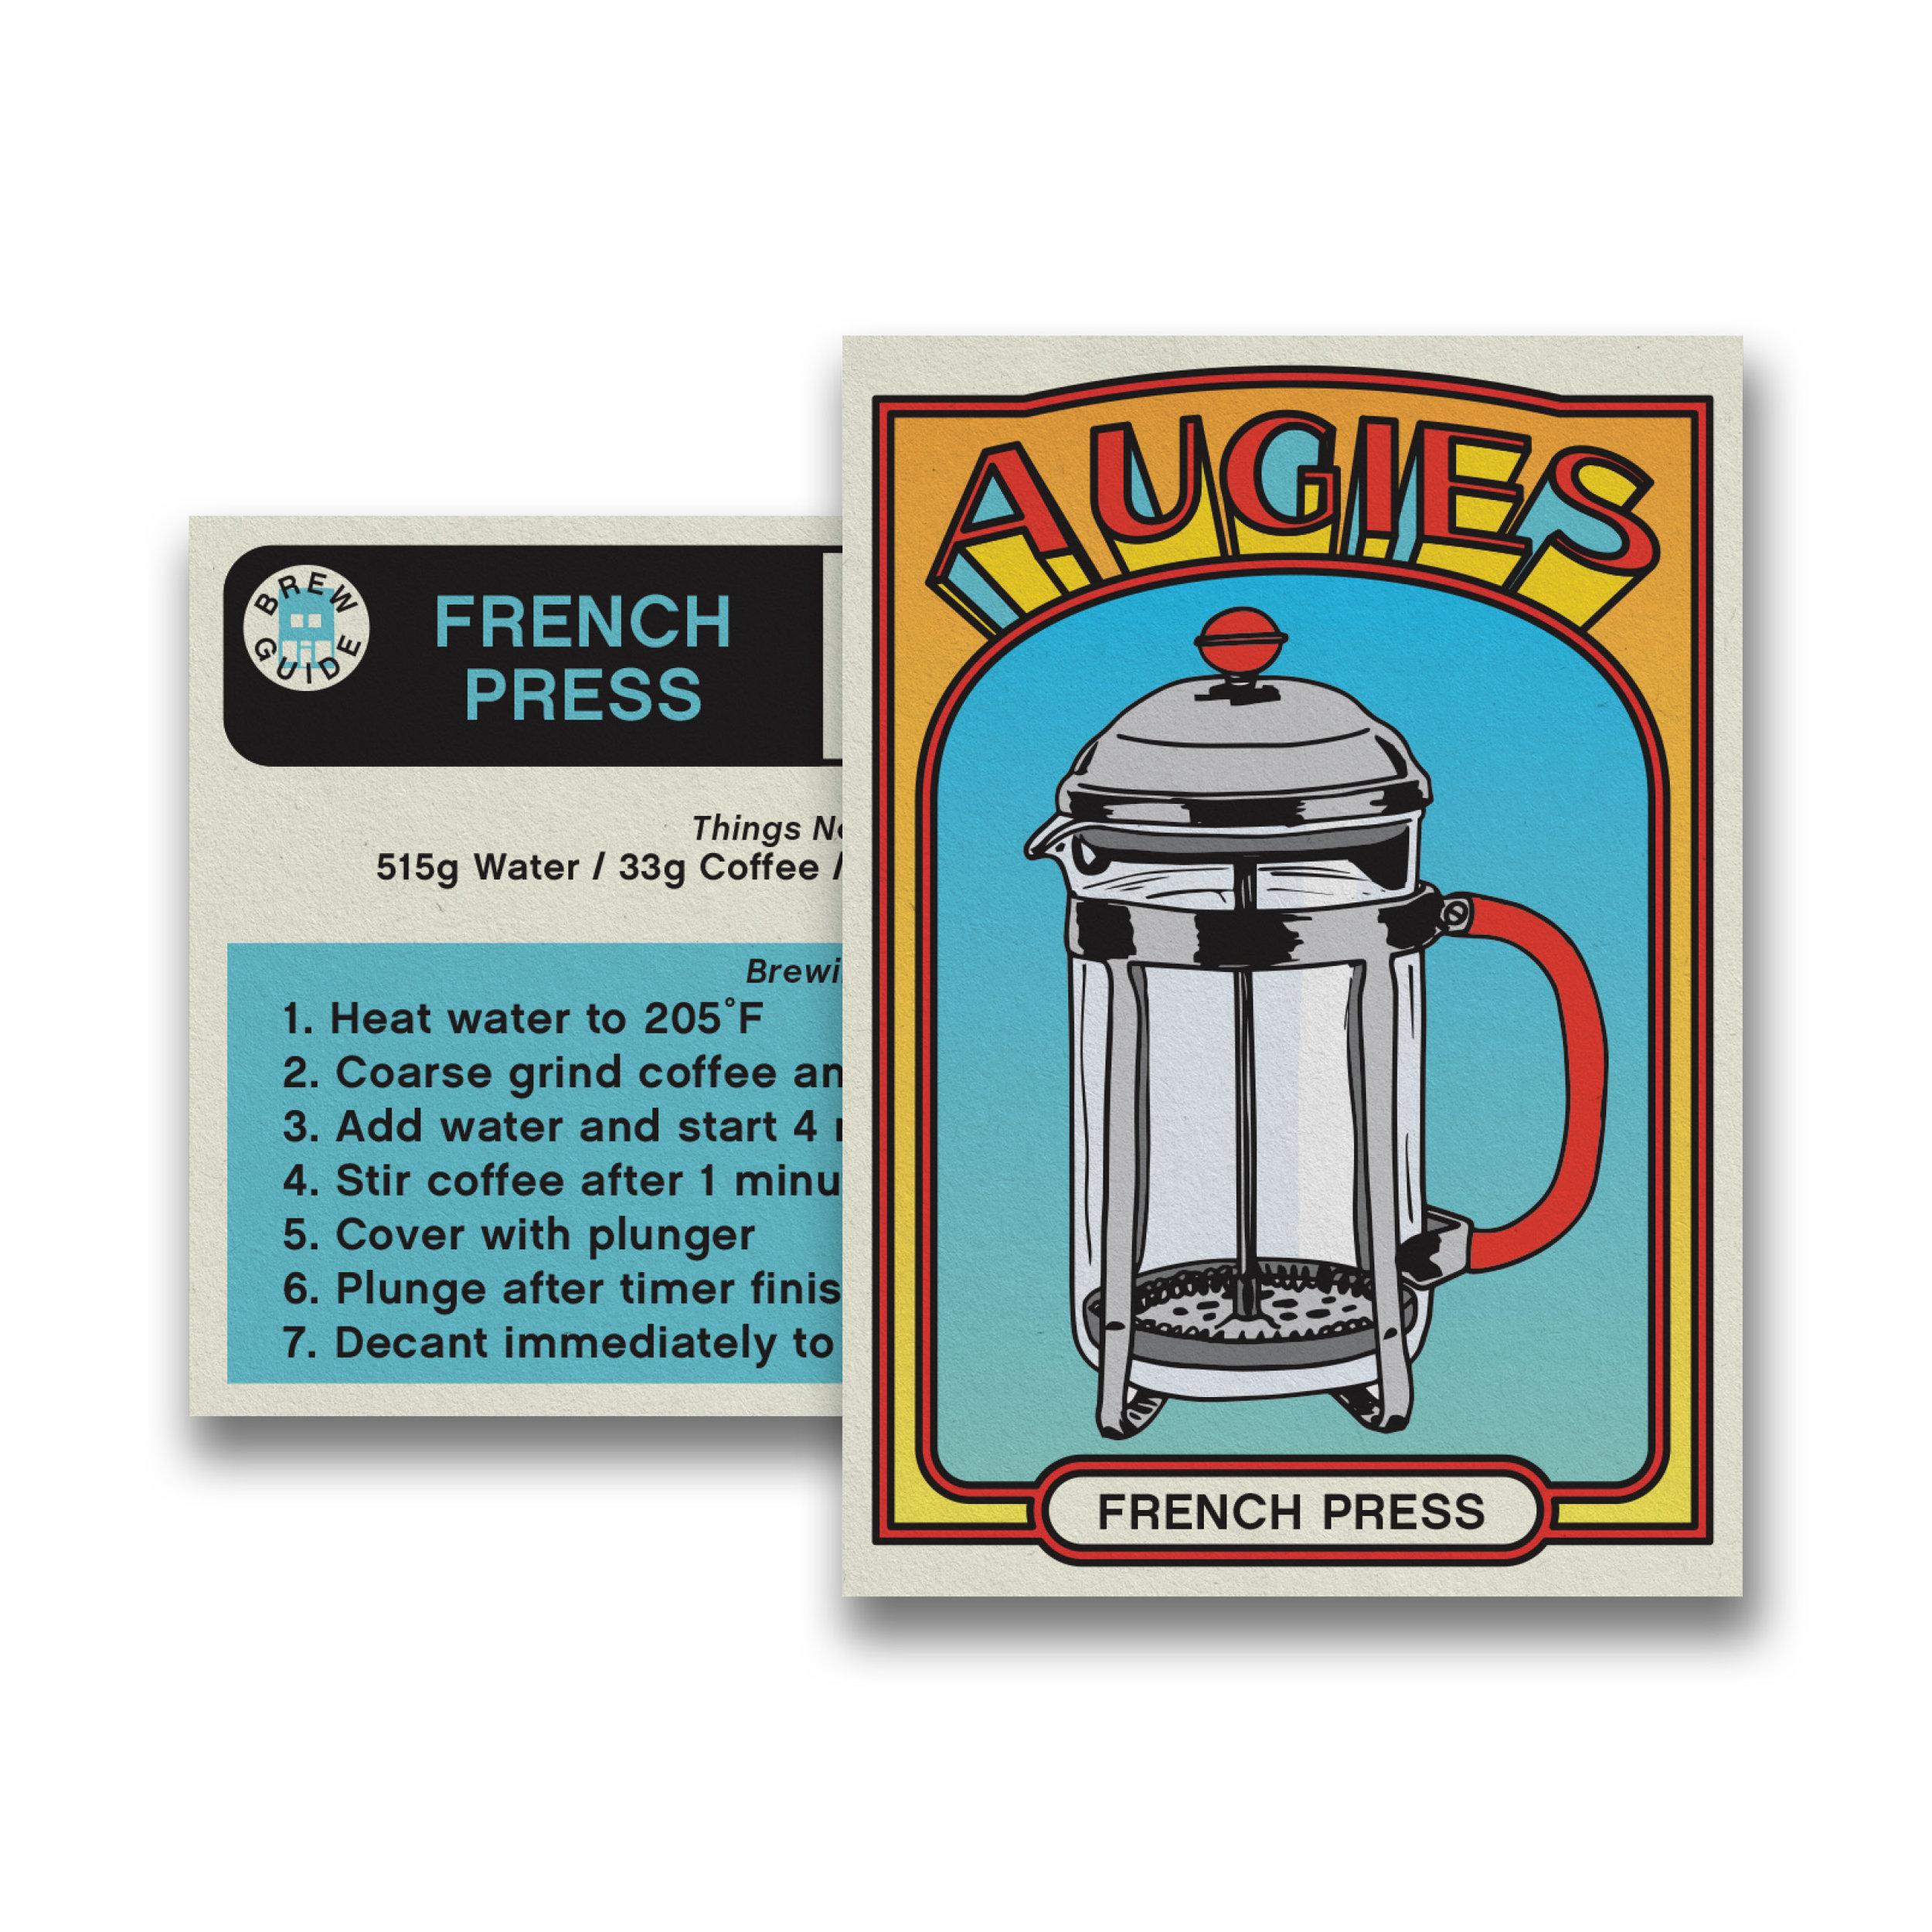 Augies-BrewCardsMock-0517195.jpg